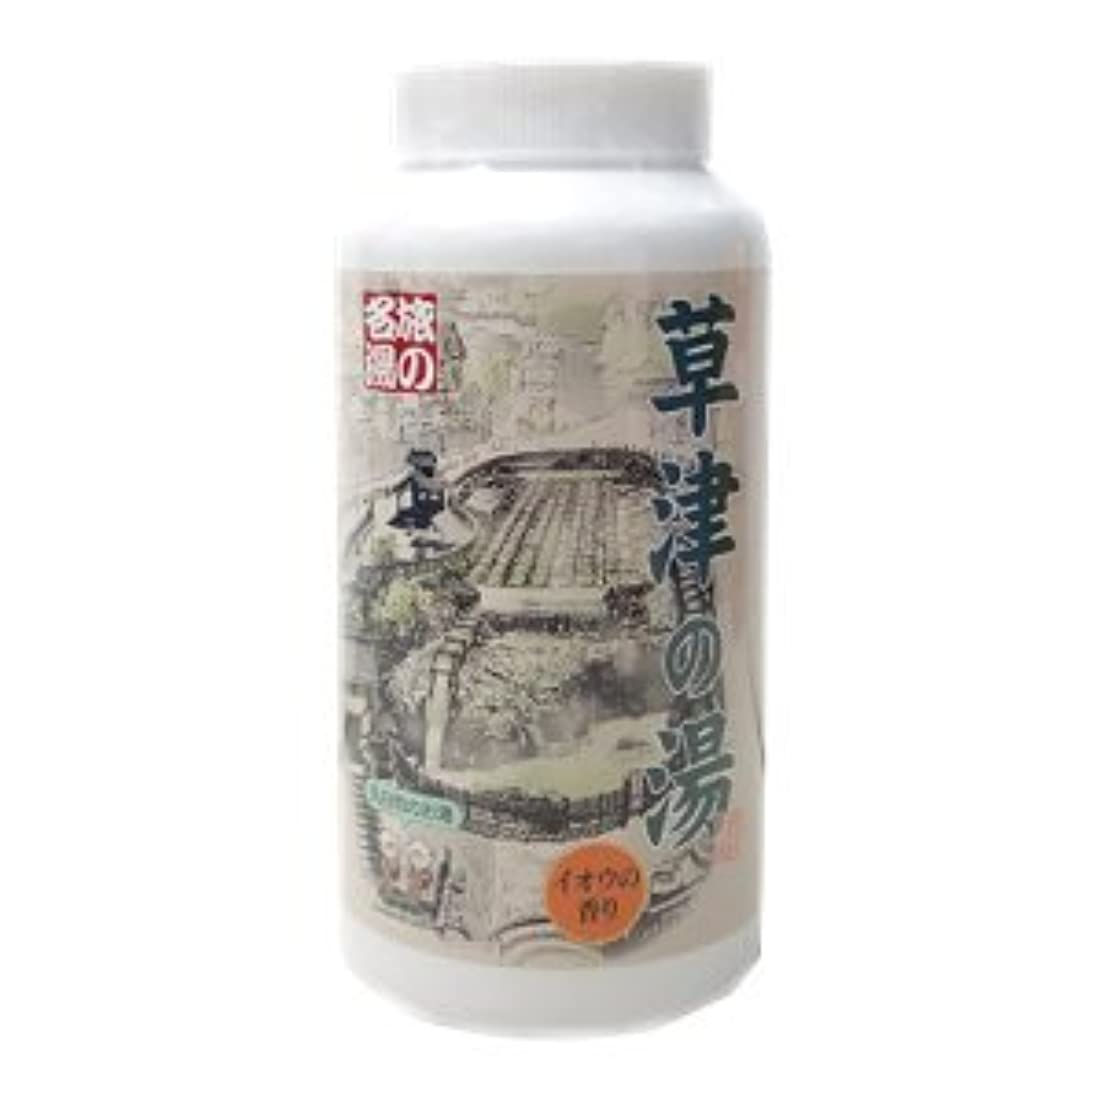 きょうだい珍味付ける草津の湯入浴剤 『イオウの香り』 乳白色のお湯 500g 20回分